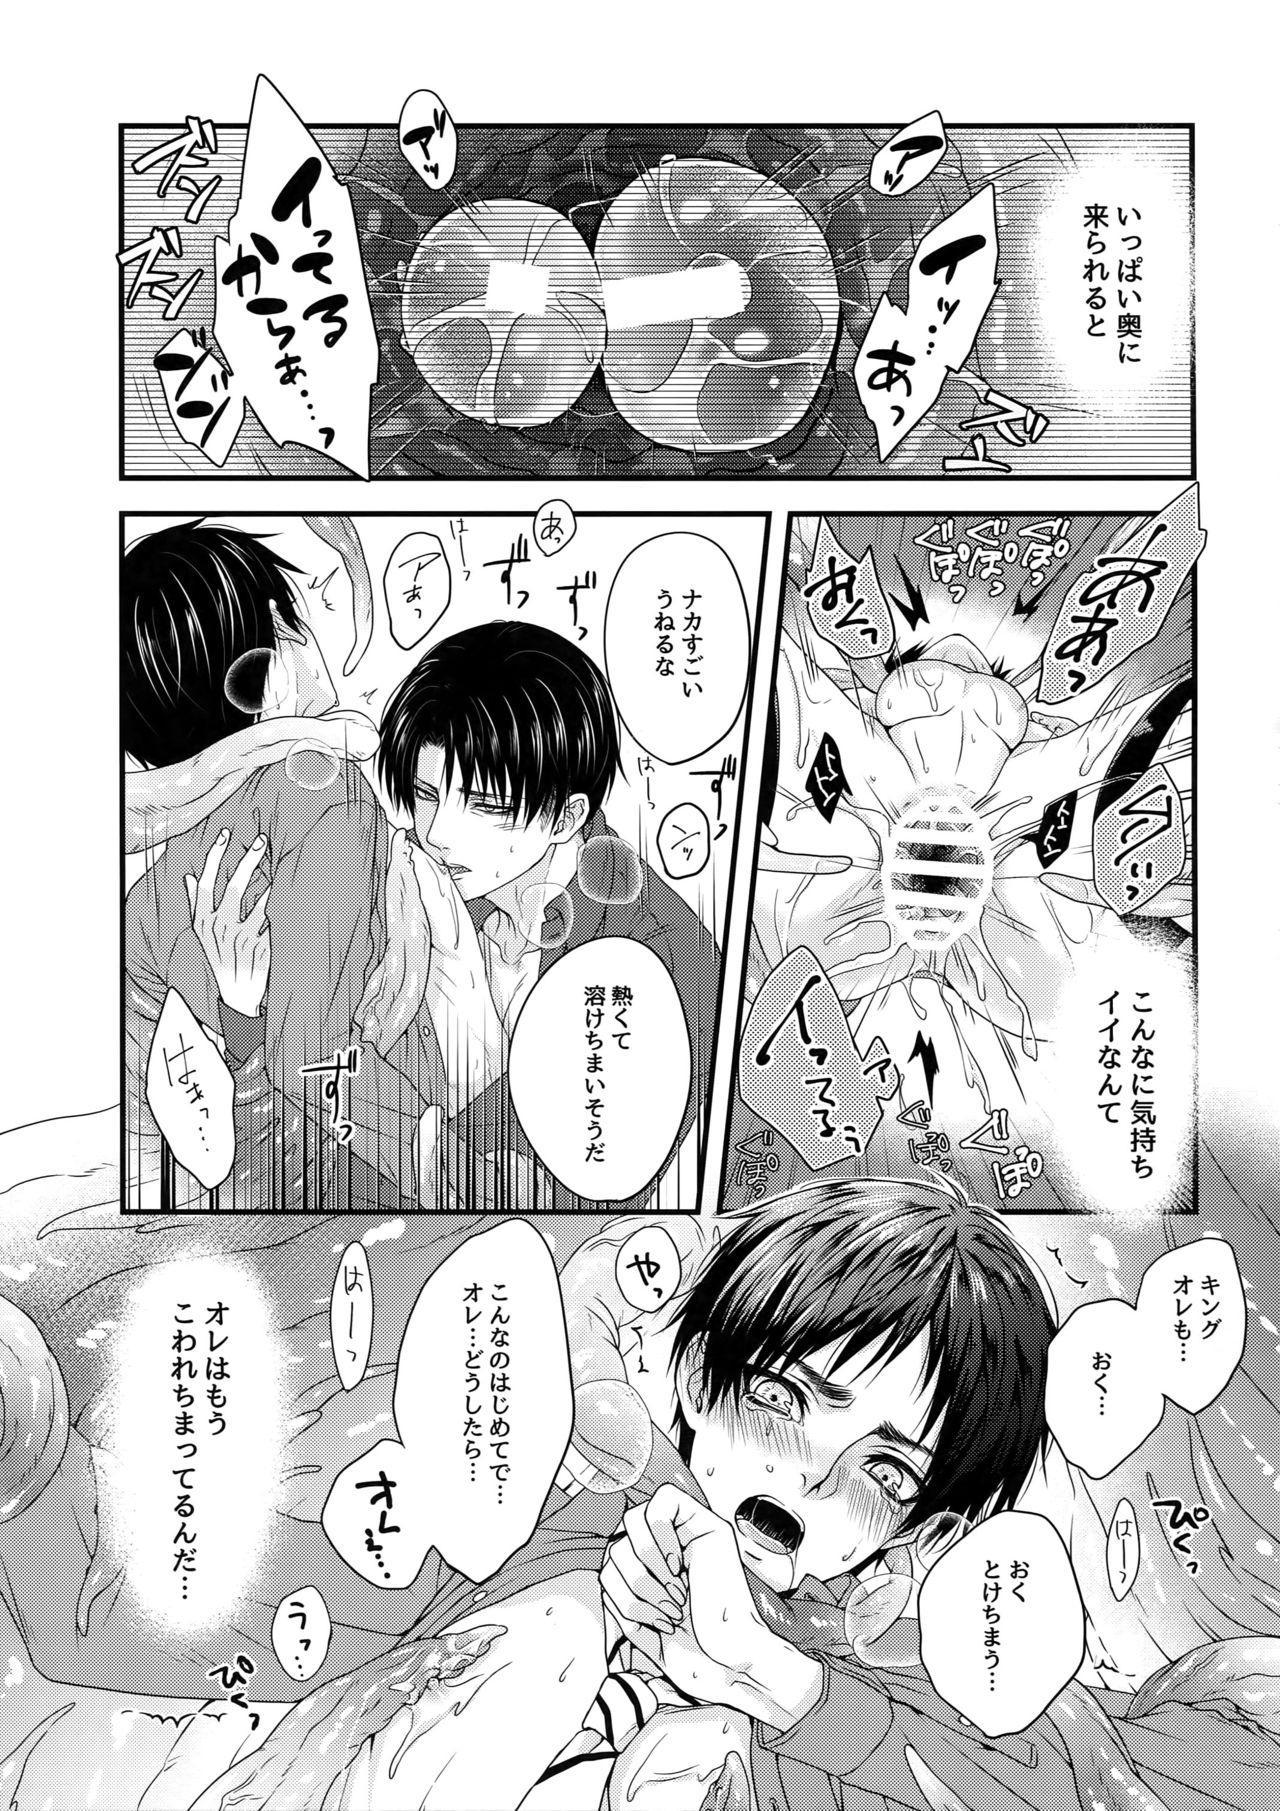 Shinshoku 37